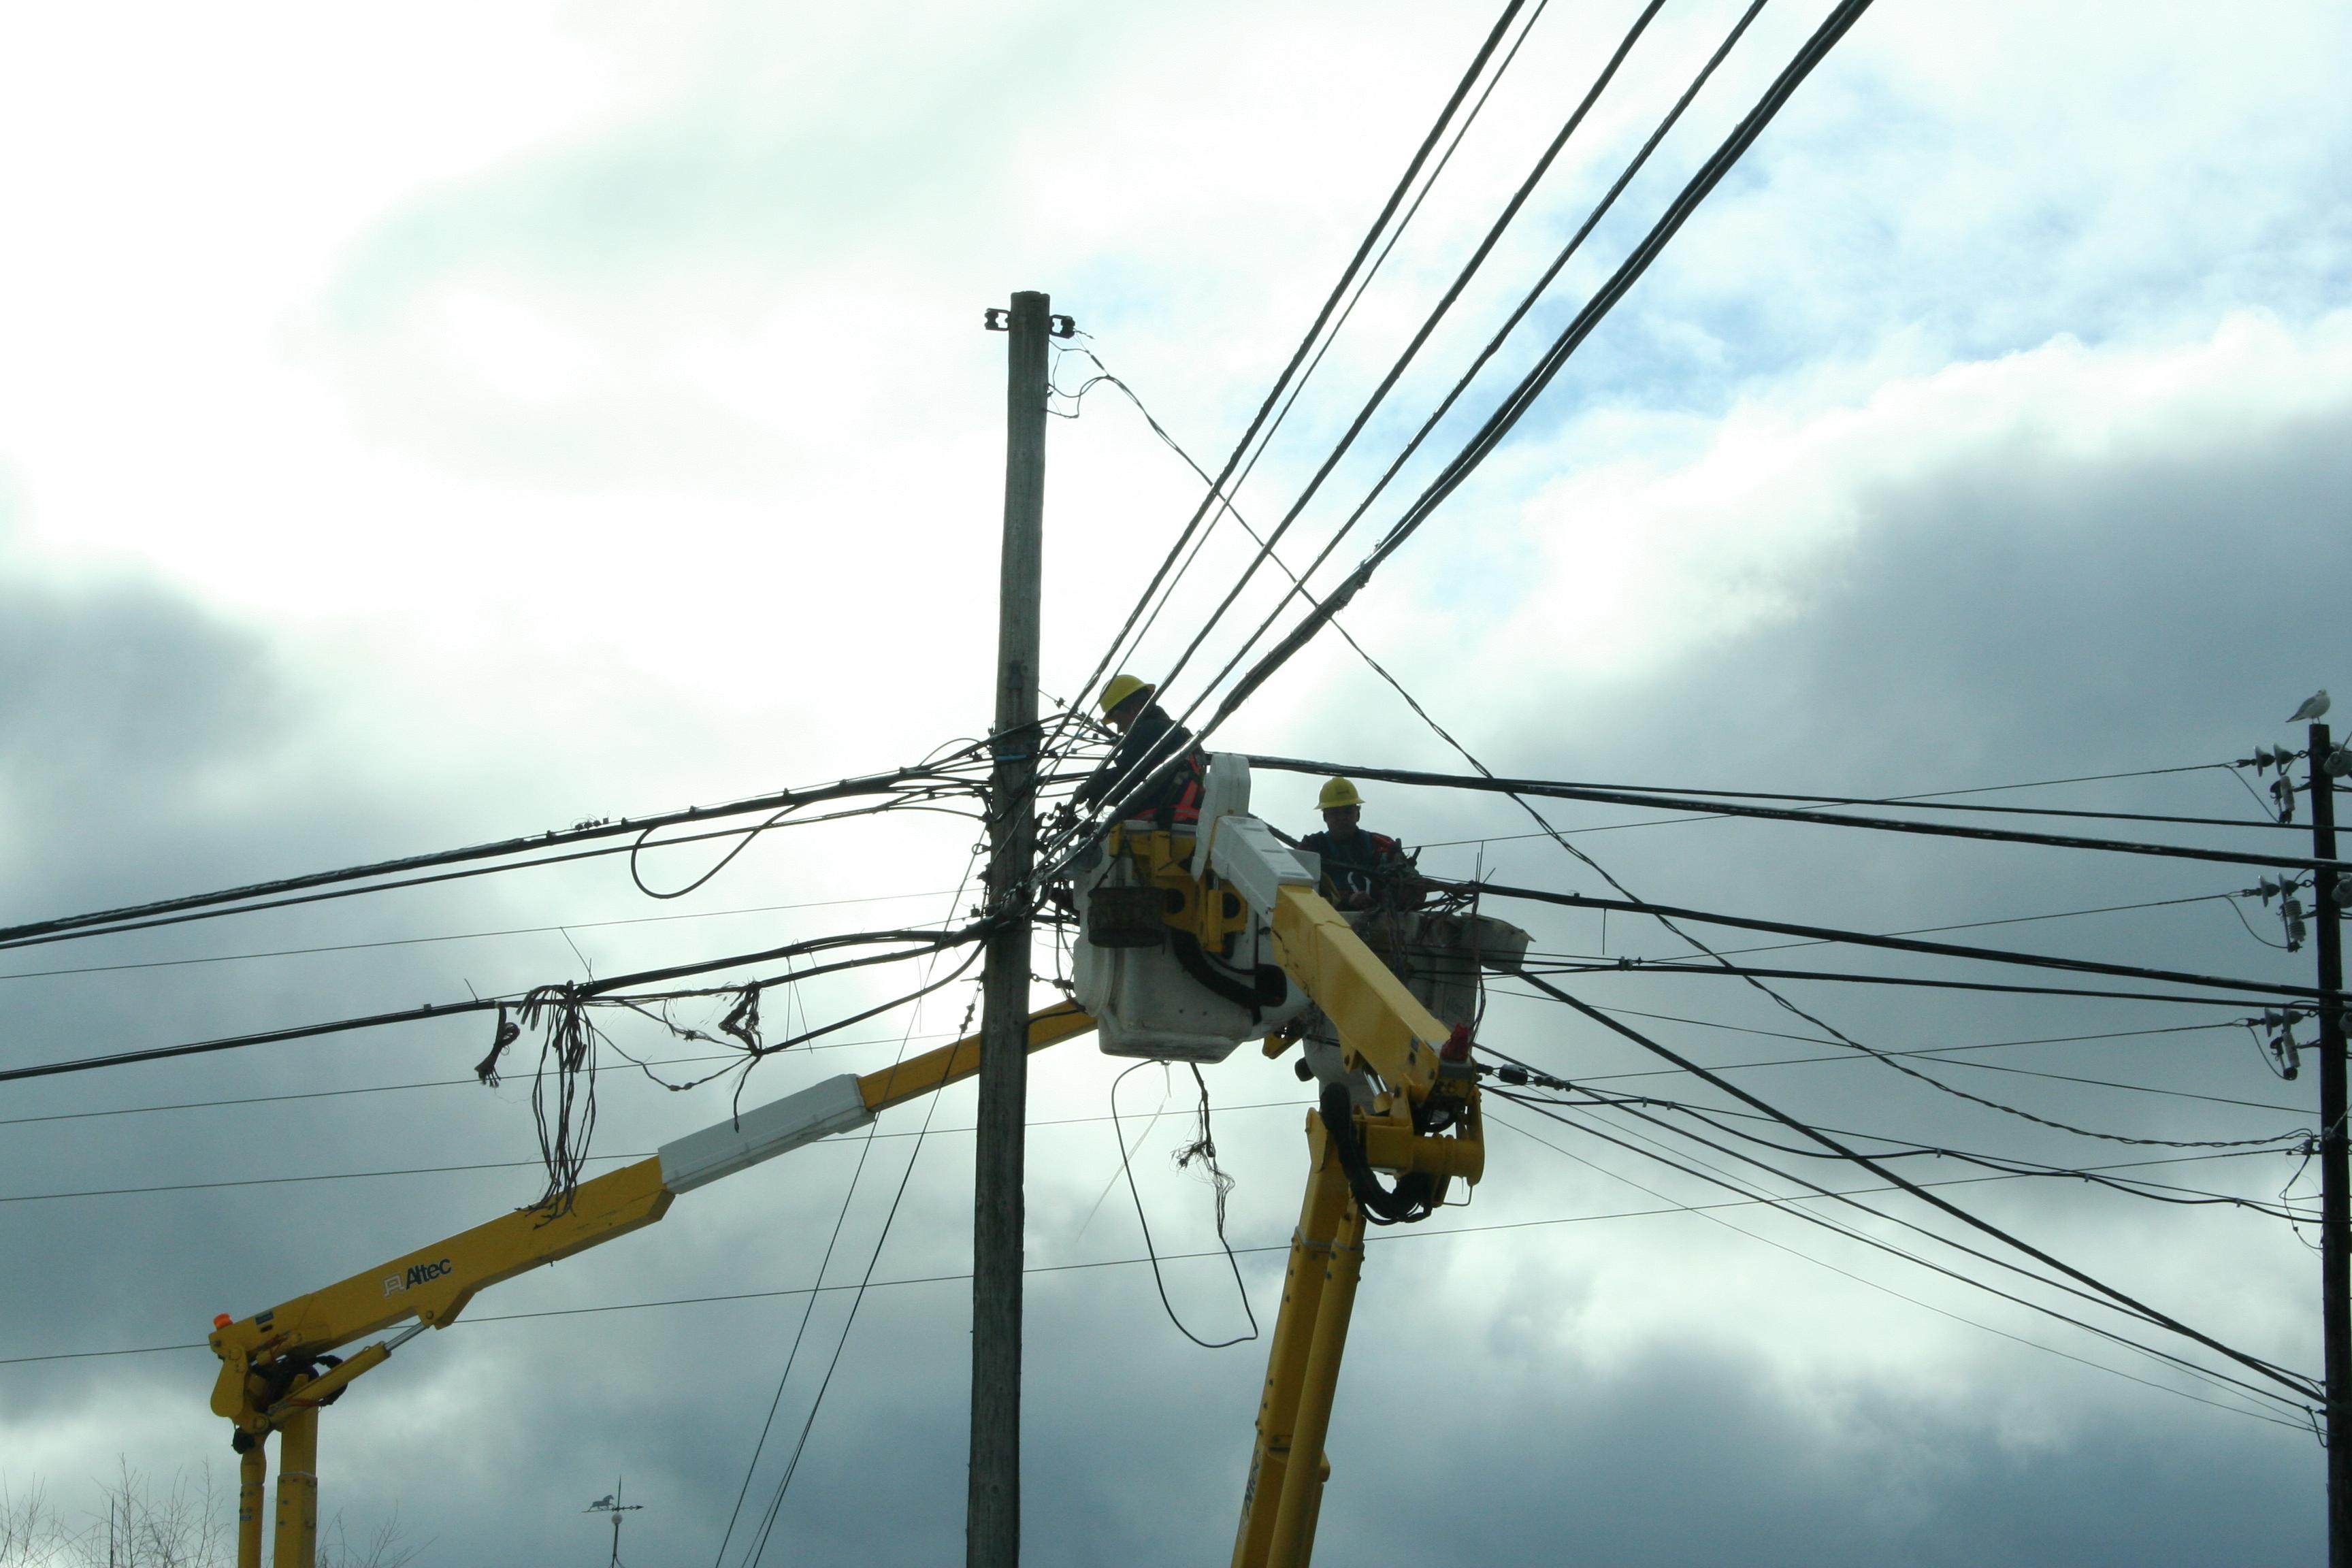 Nova Scotia Power Cables | Queens new life in Canada